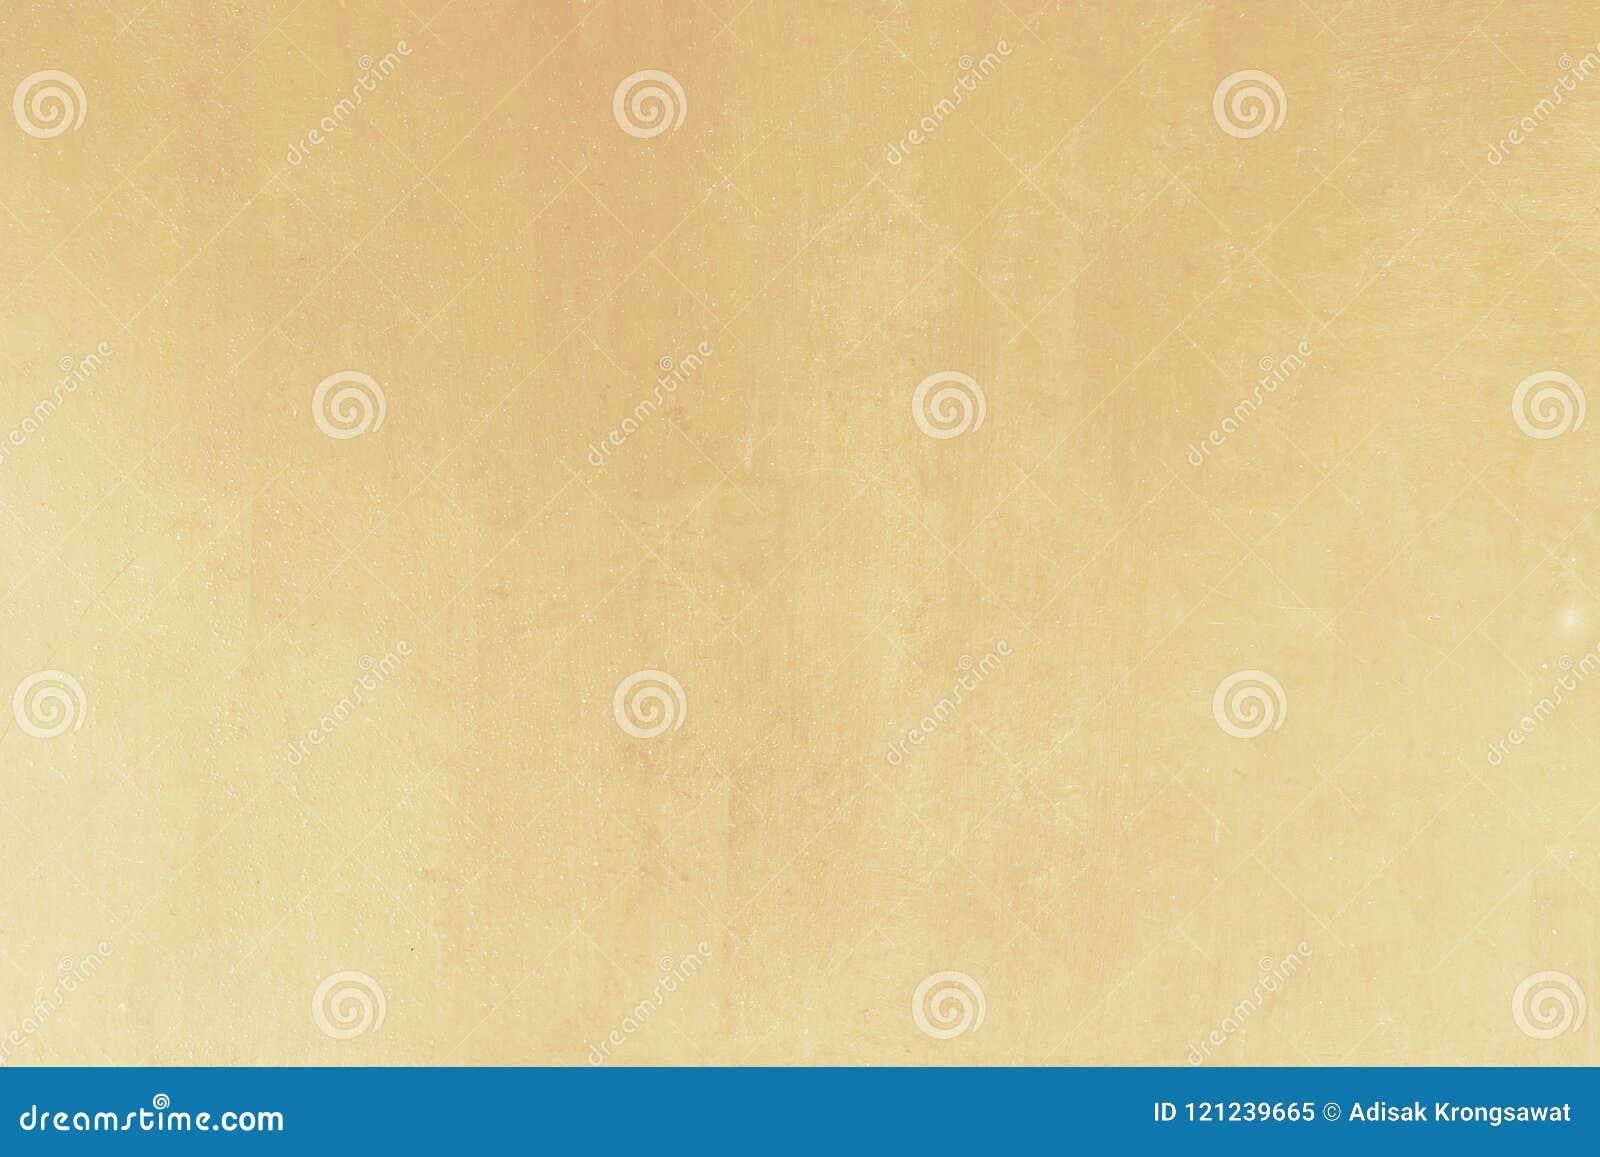 Glanzende gele de textuurachtergrond van de blad gouden folie